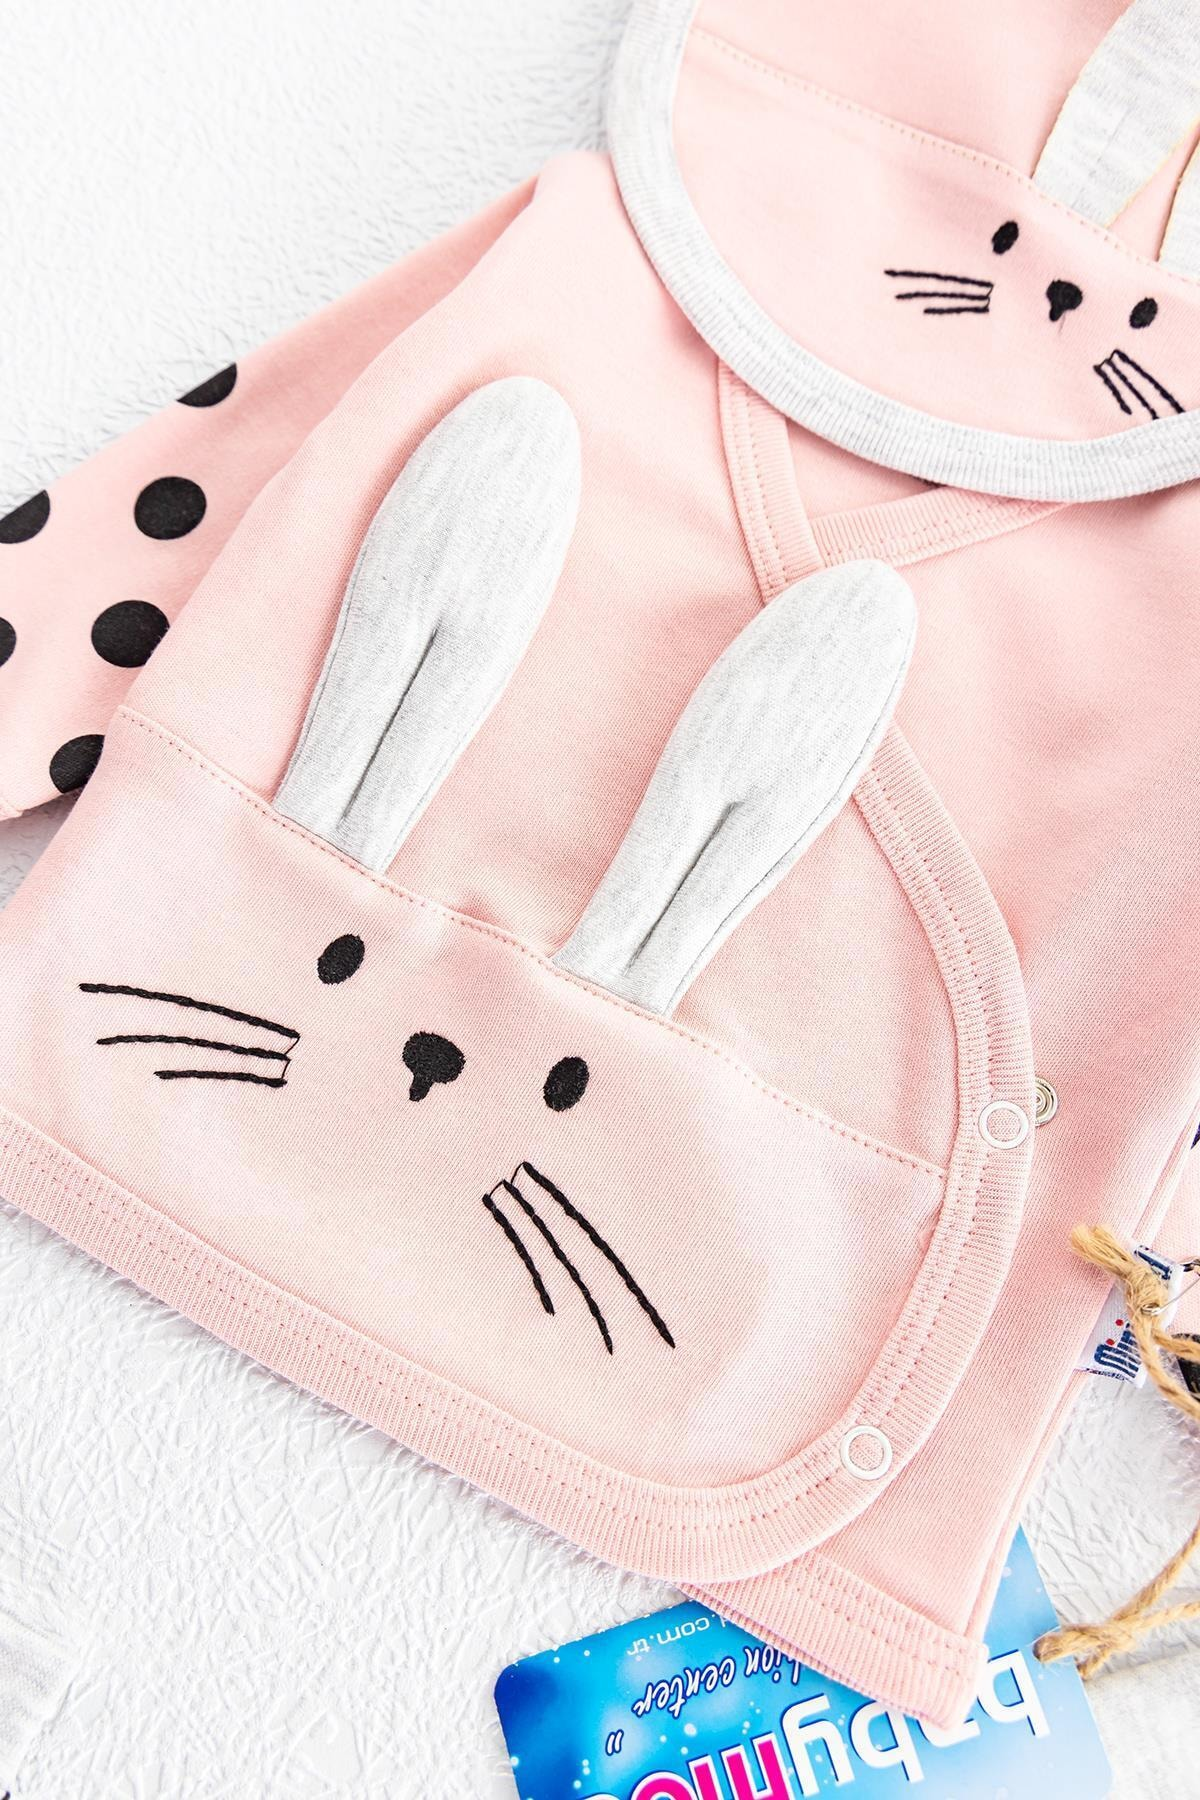 Babymod Tavşan Figürlü 5 Parça Kız Bebek Hastane Çıkışı Bebek Seti 2